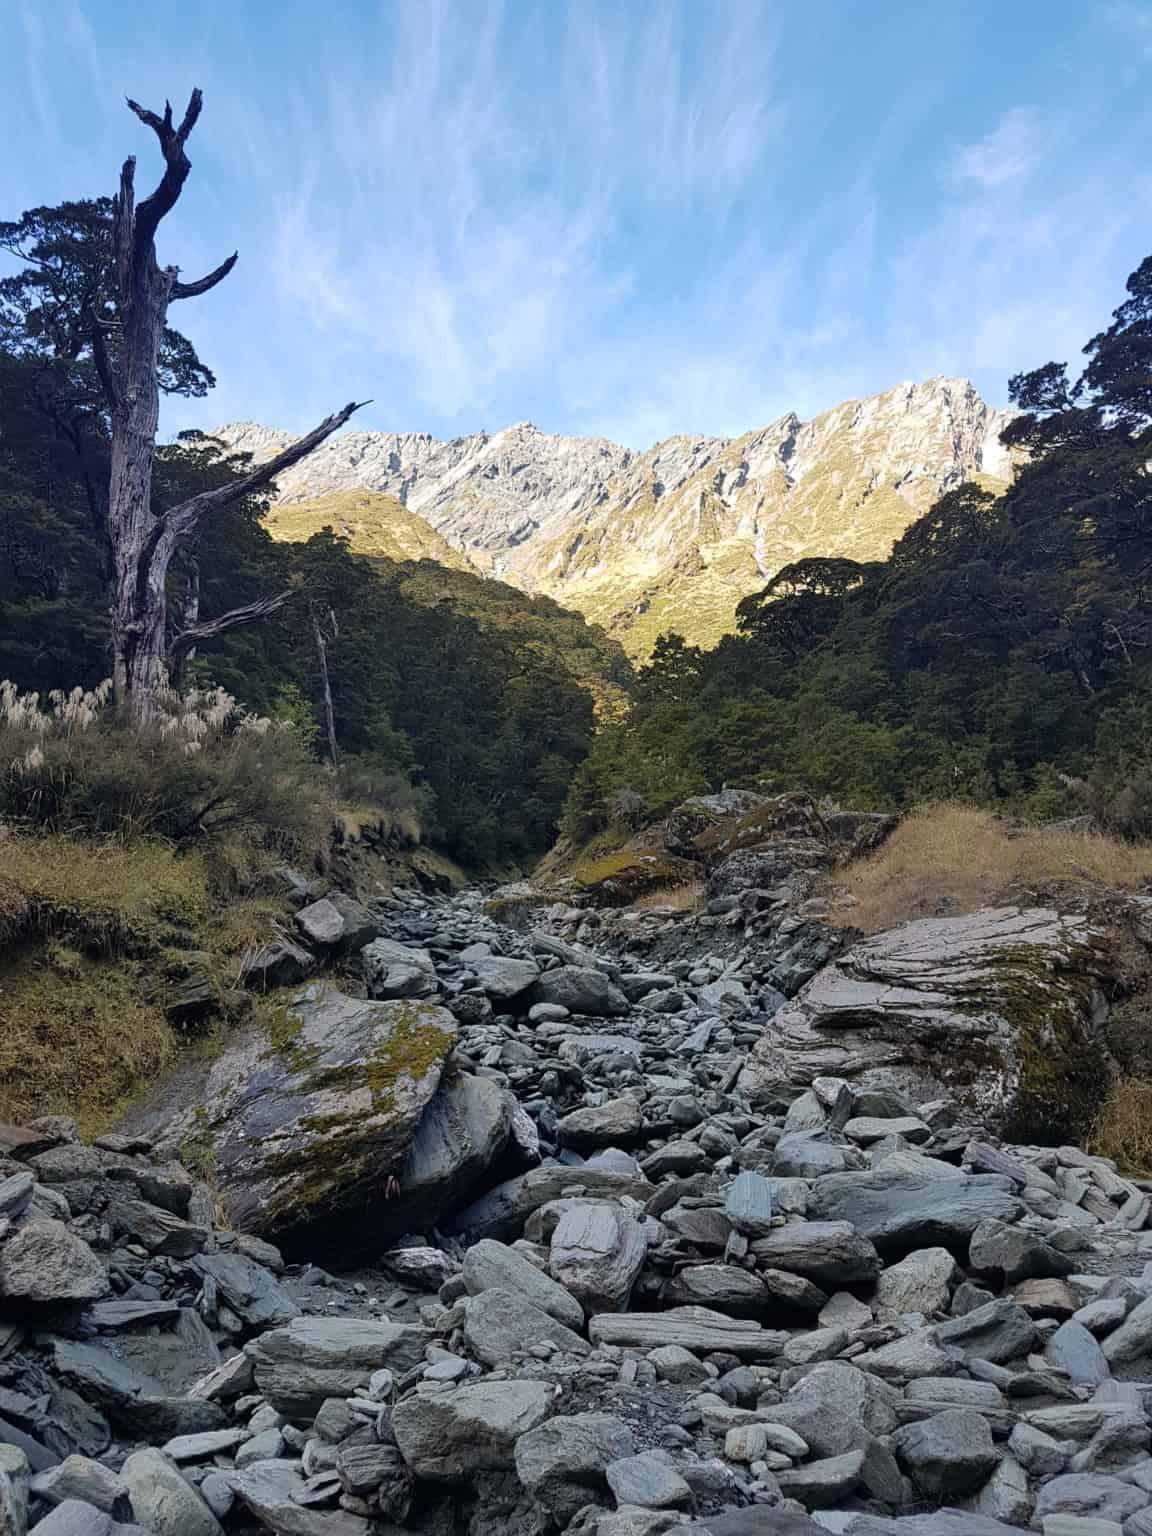 Nouvelle-Zélande, randonnée vers le Rob Roy Glacier et son sommet enneigé ❄ 19